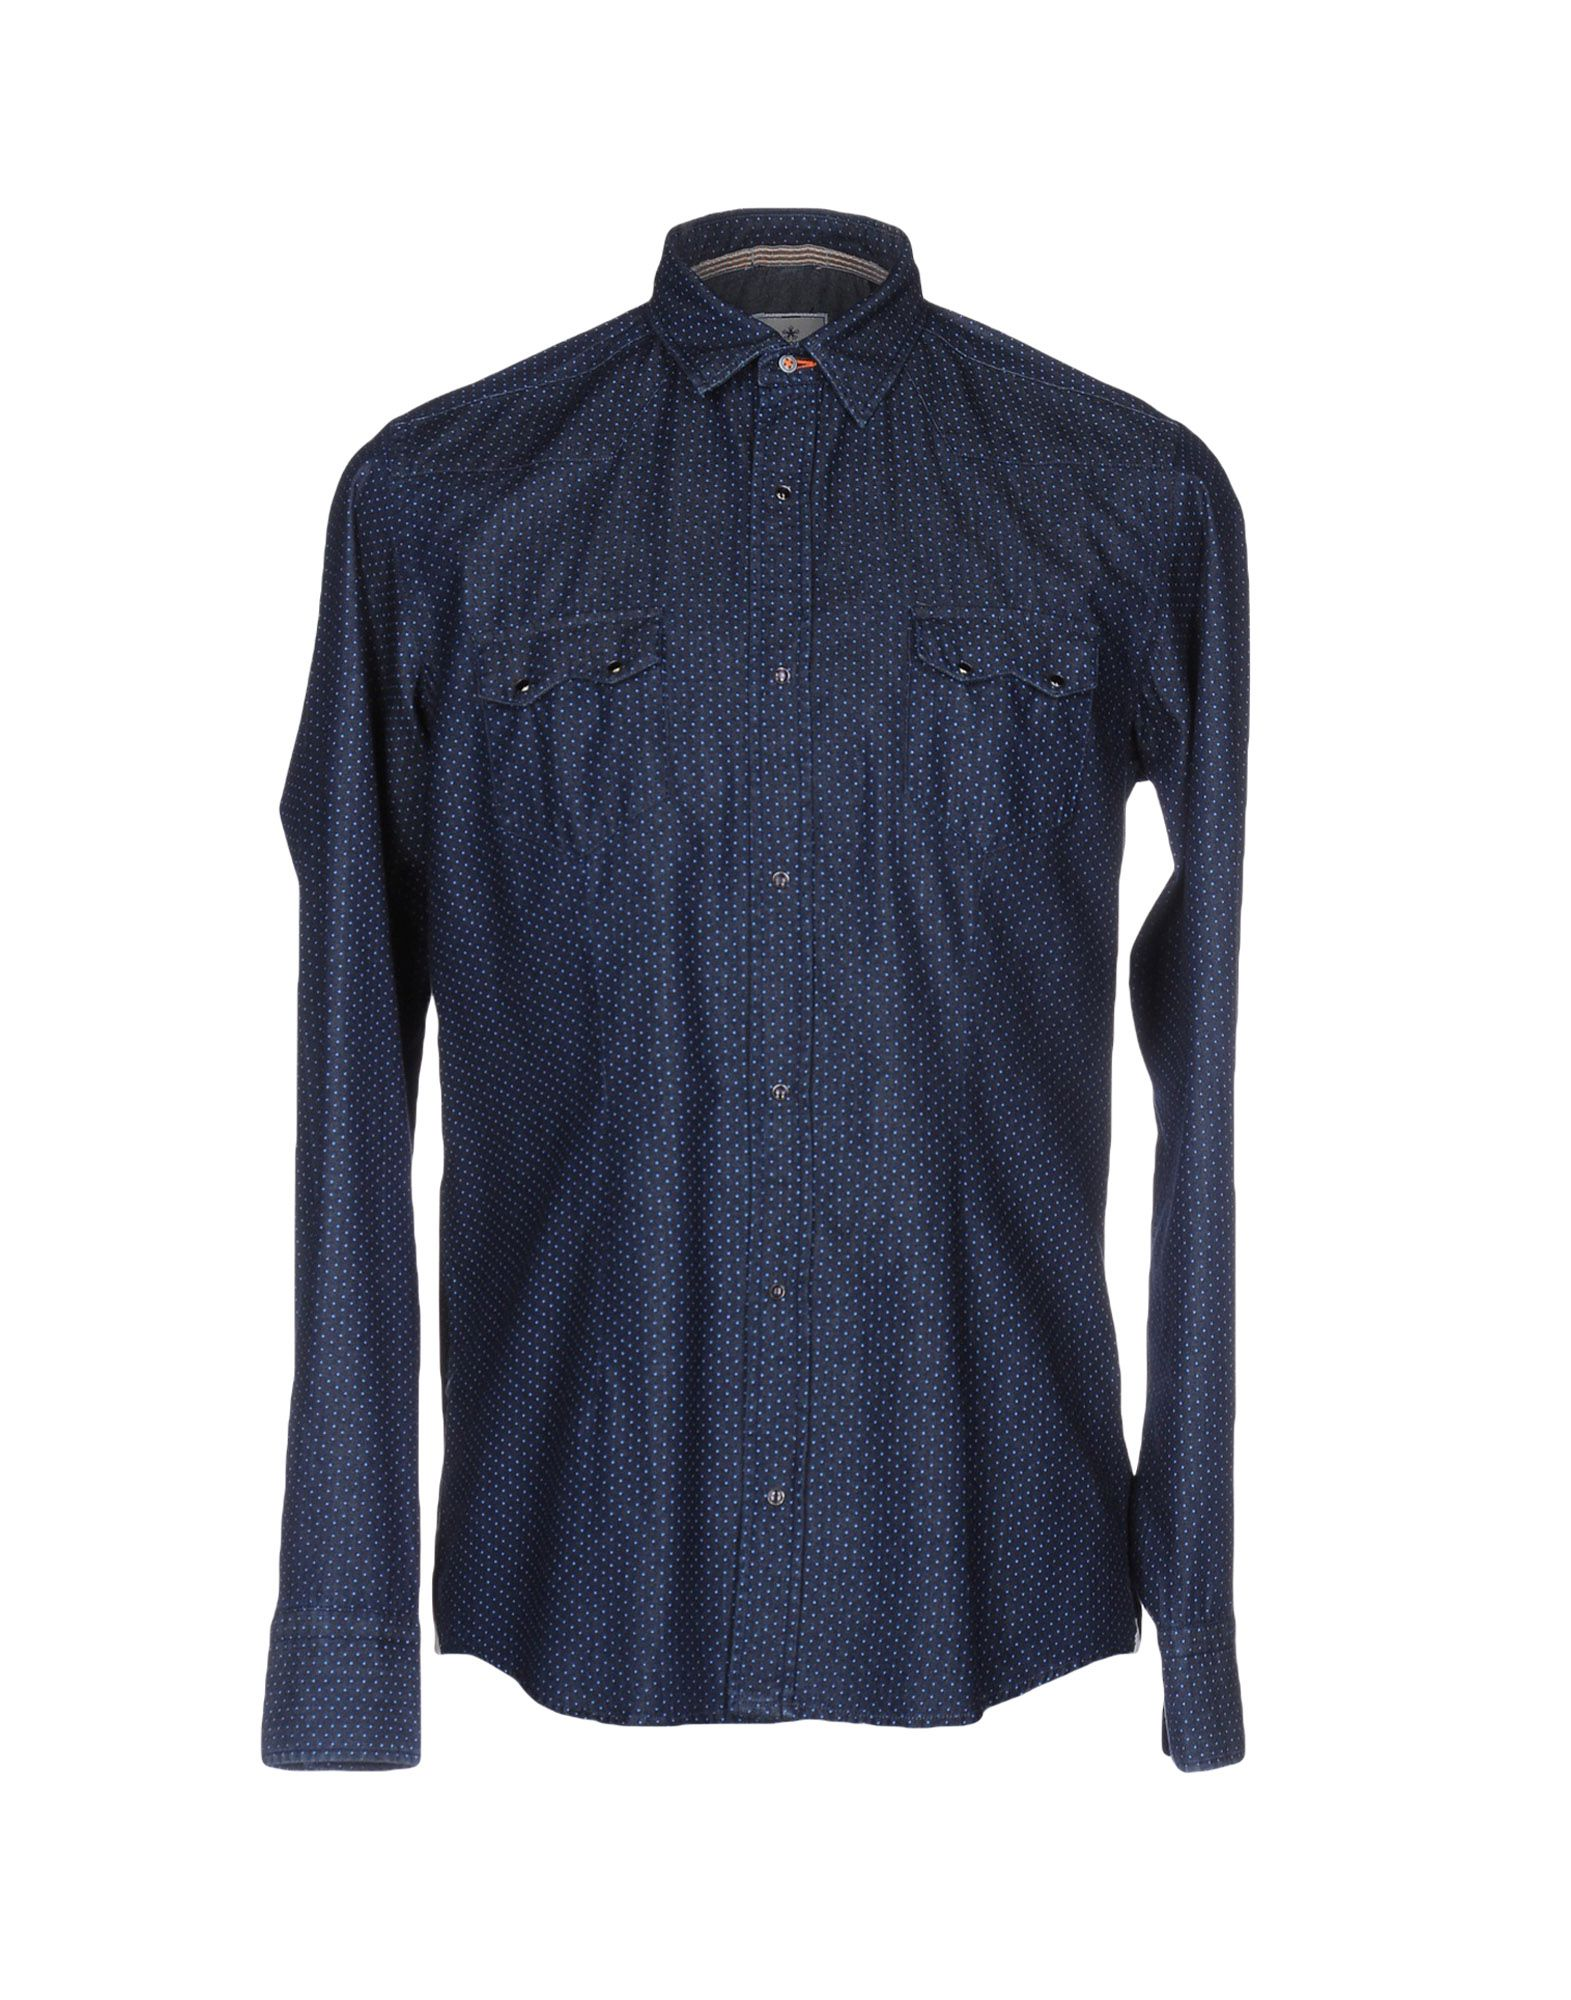 PORTOFIORI Джинсовая рубашка рубашка в мелкий горошек